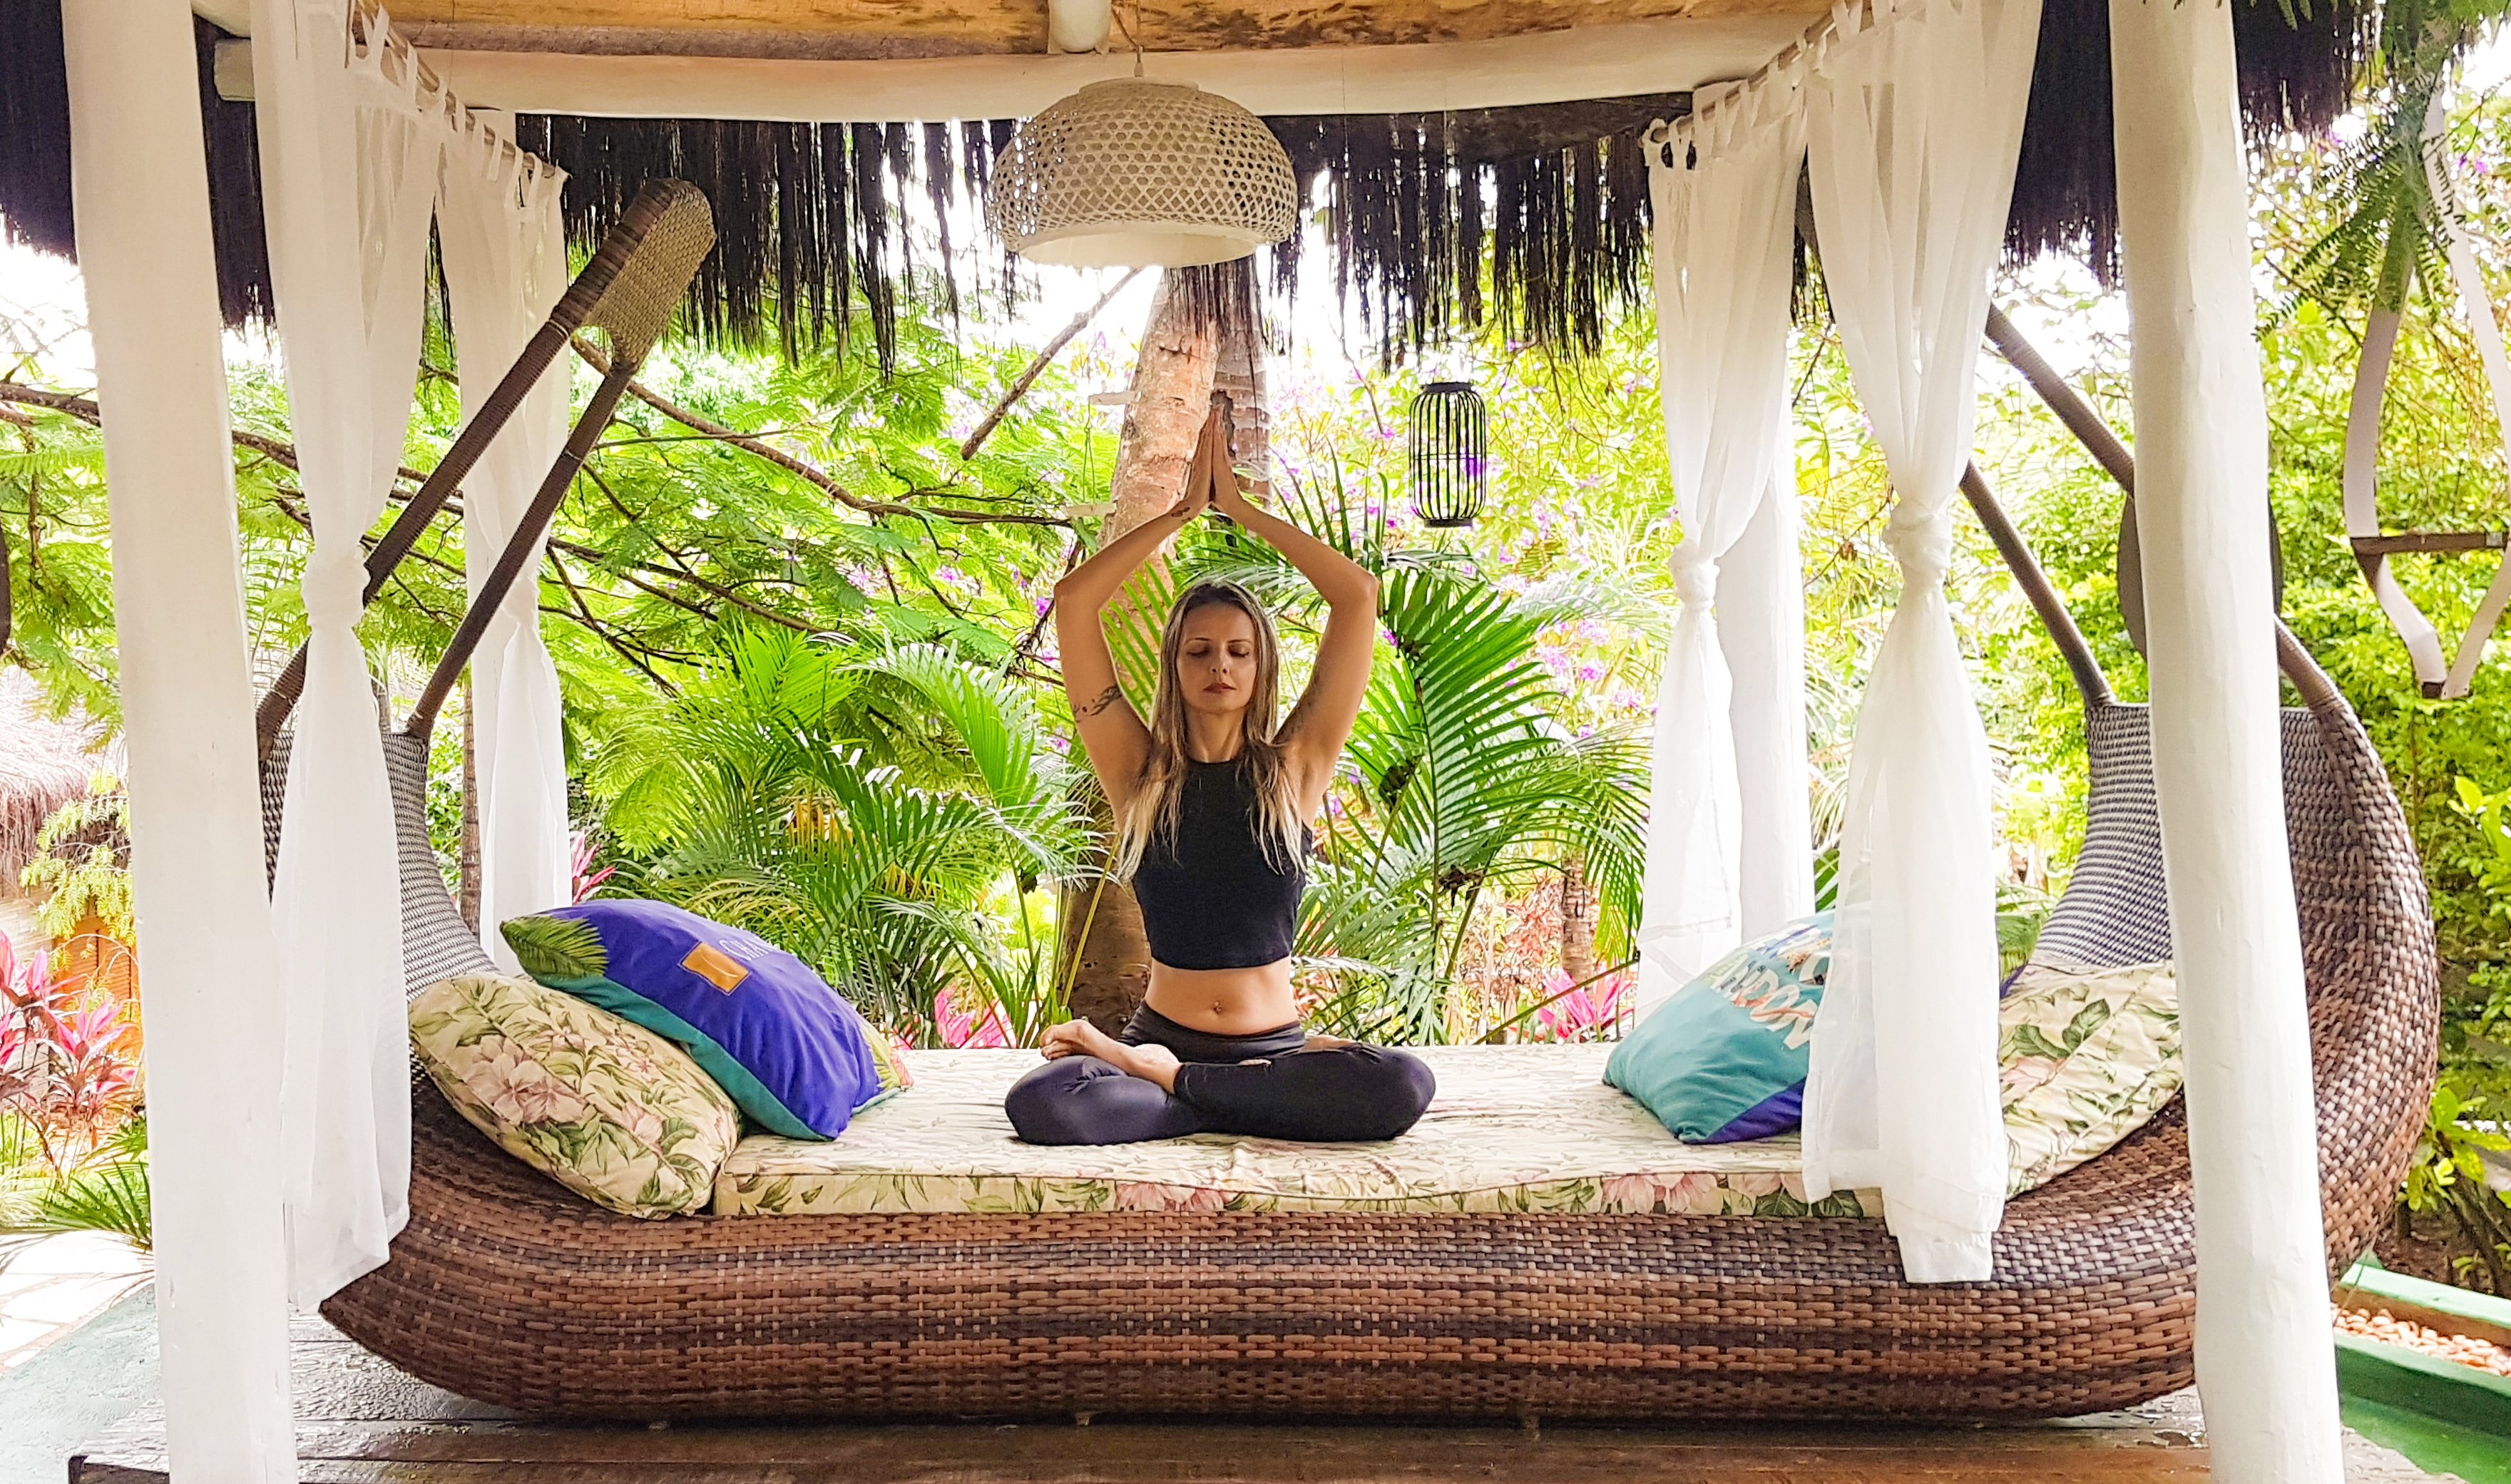 Os oito passos do yoga: alcançando a meditação